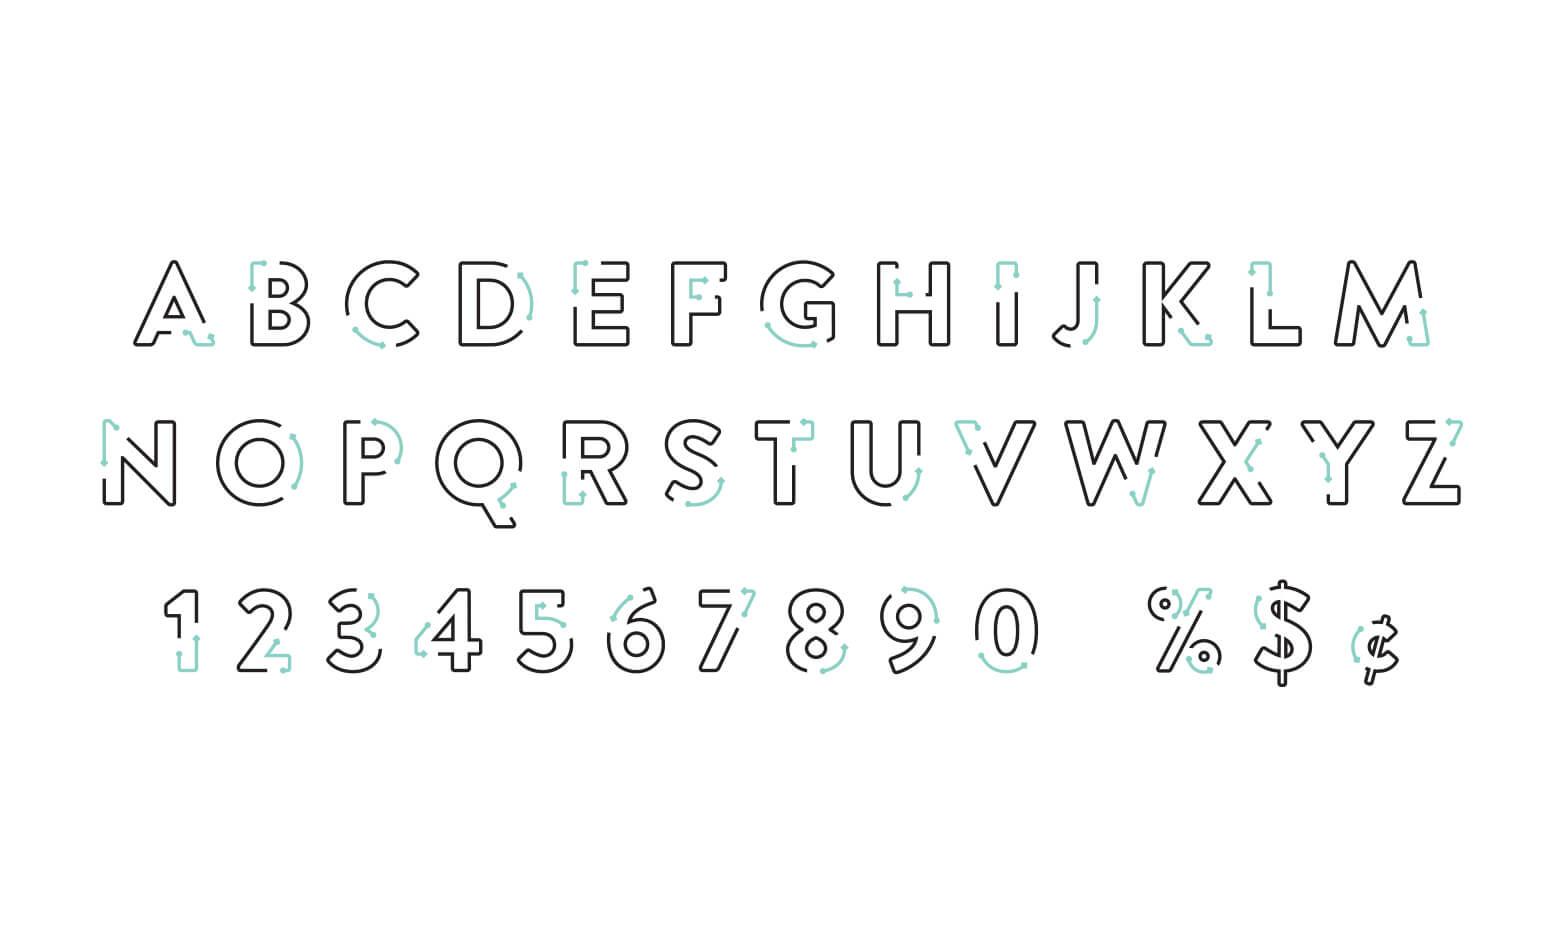 MJK_ThreePercent_Alphabet_Web